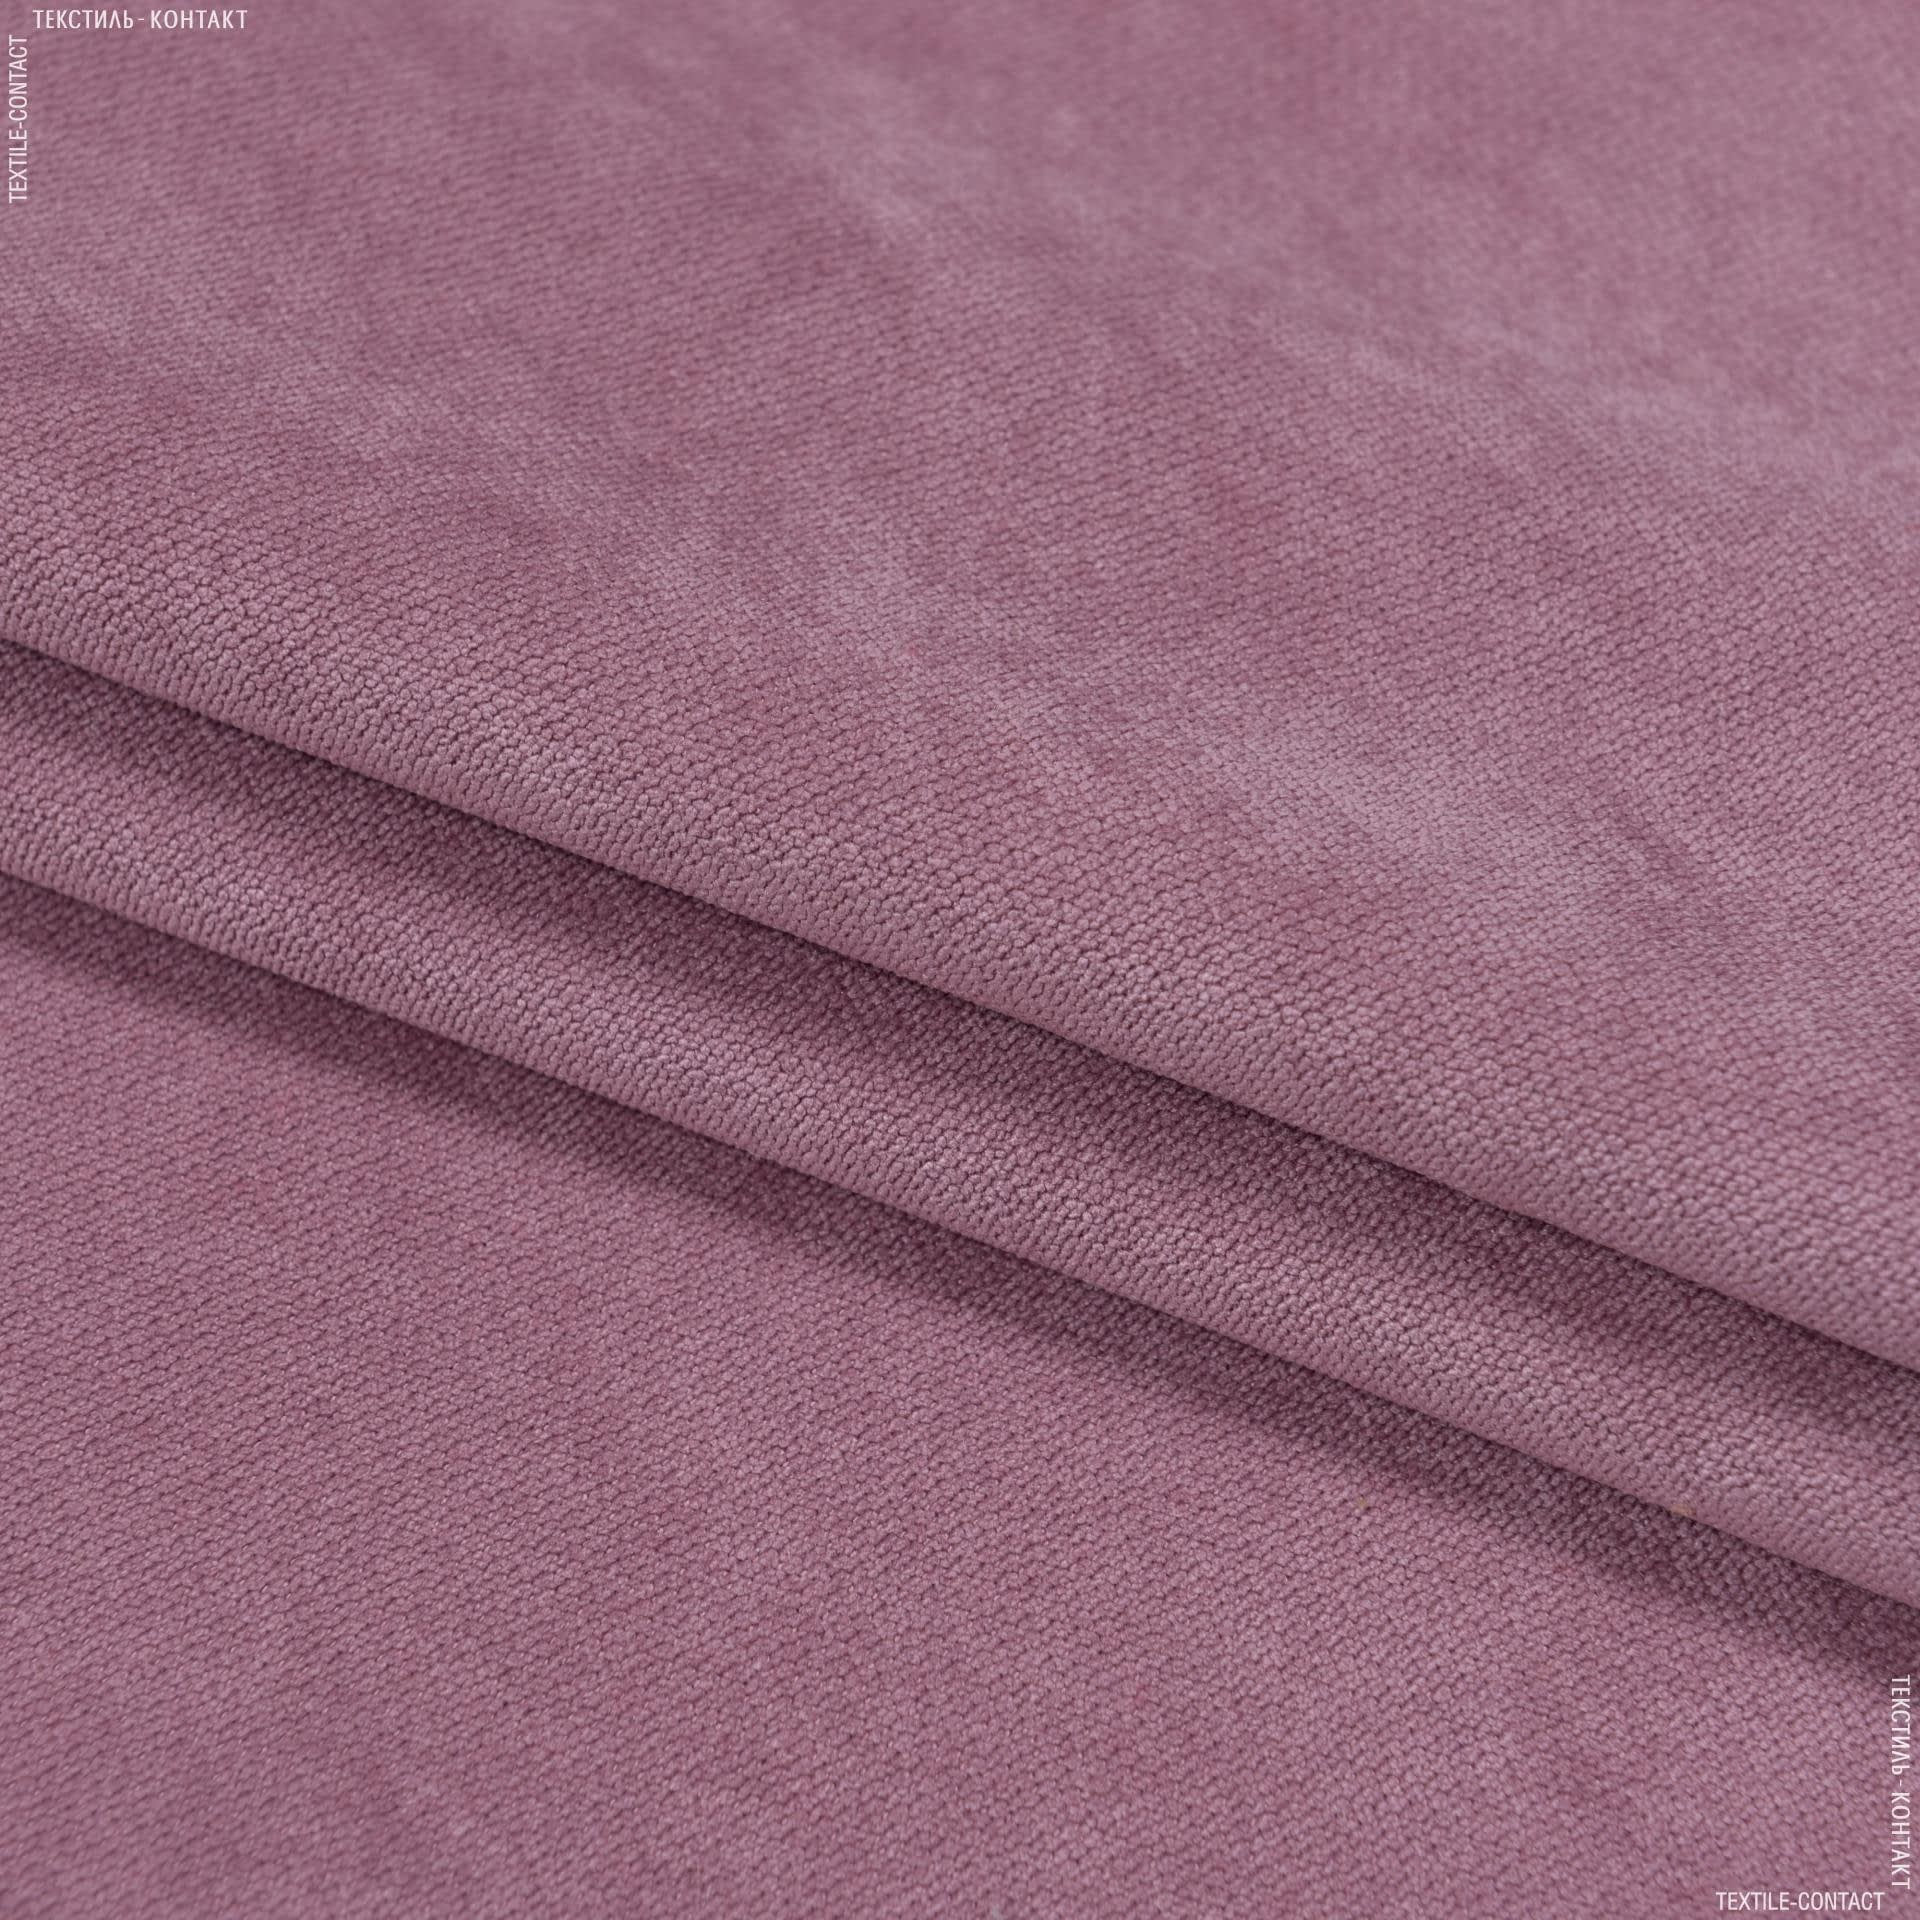 Ткани для мебели - Велюр будапешт/budapest  лиловый